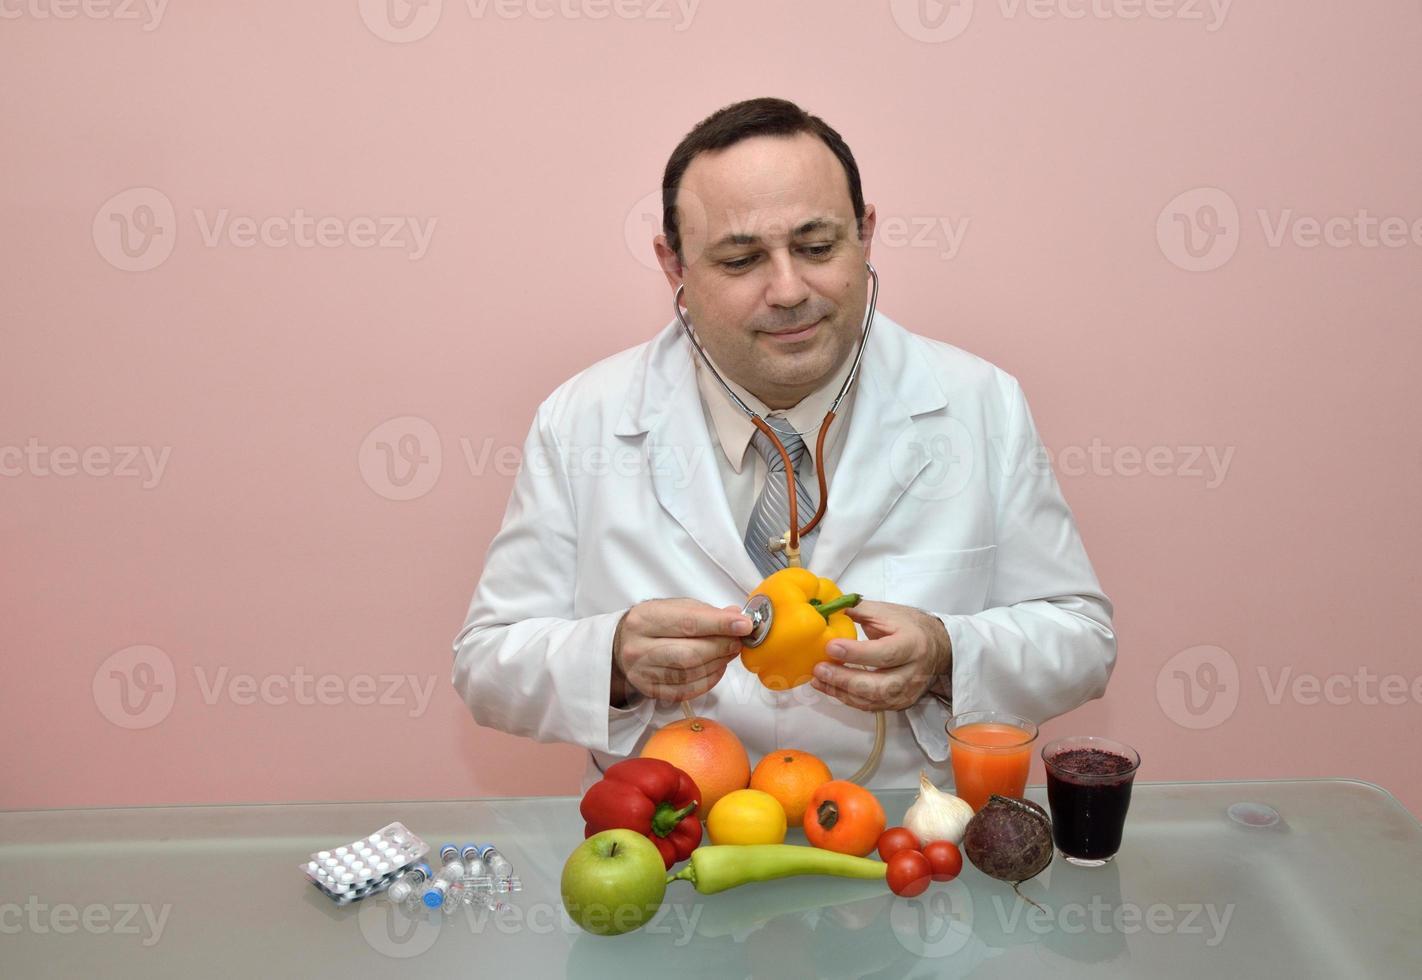 médico, verificar a saúde de um pimentão amarelo foto